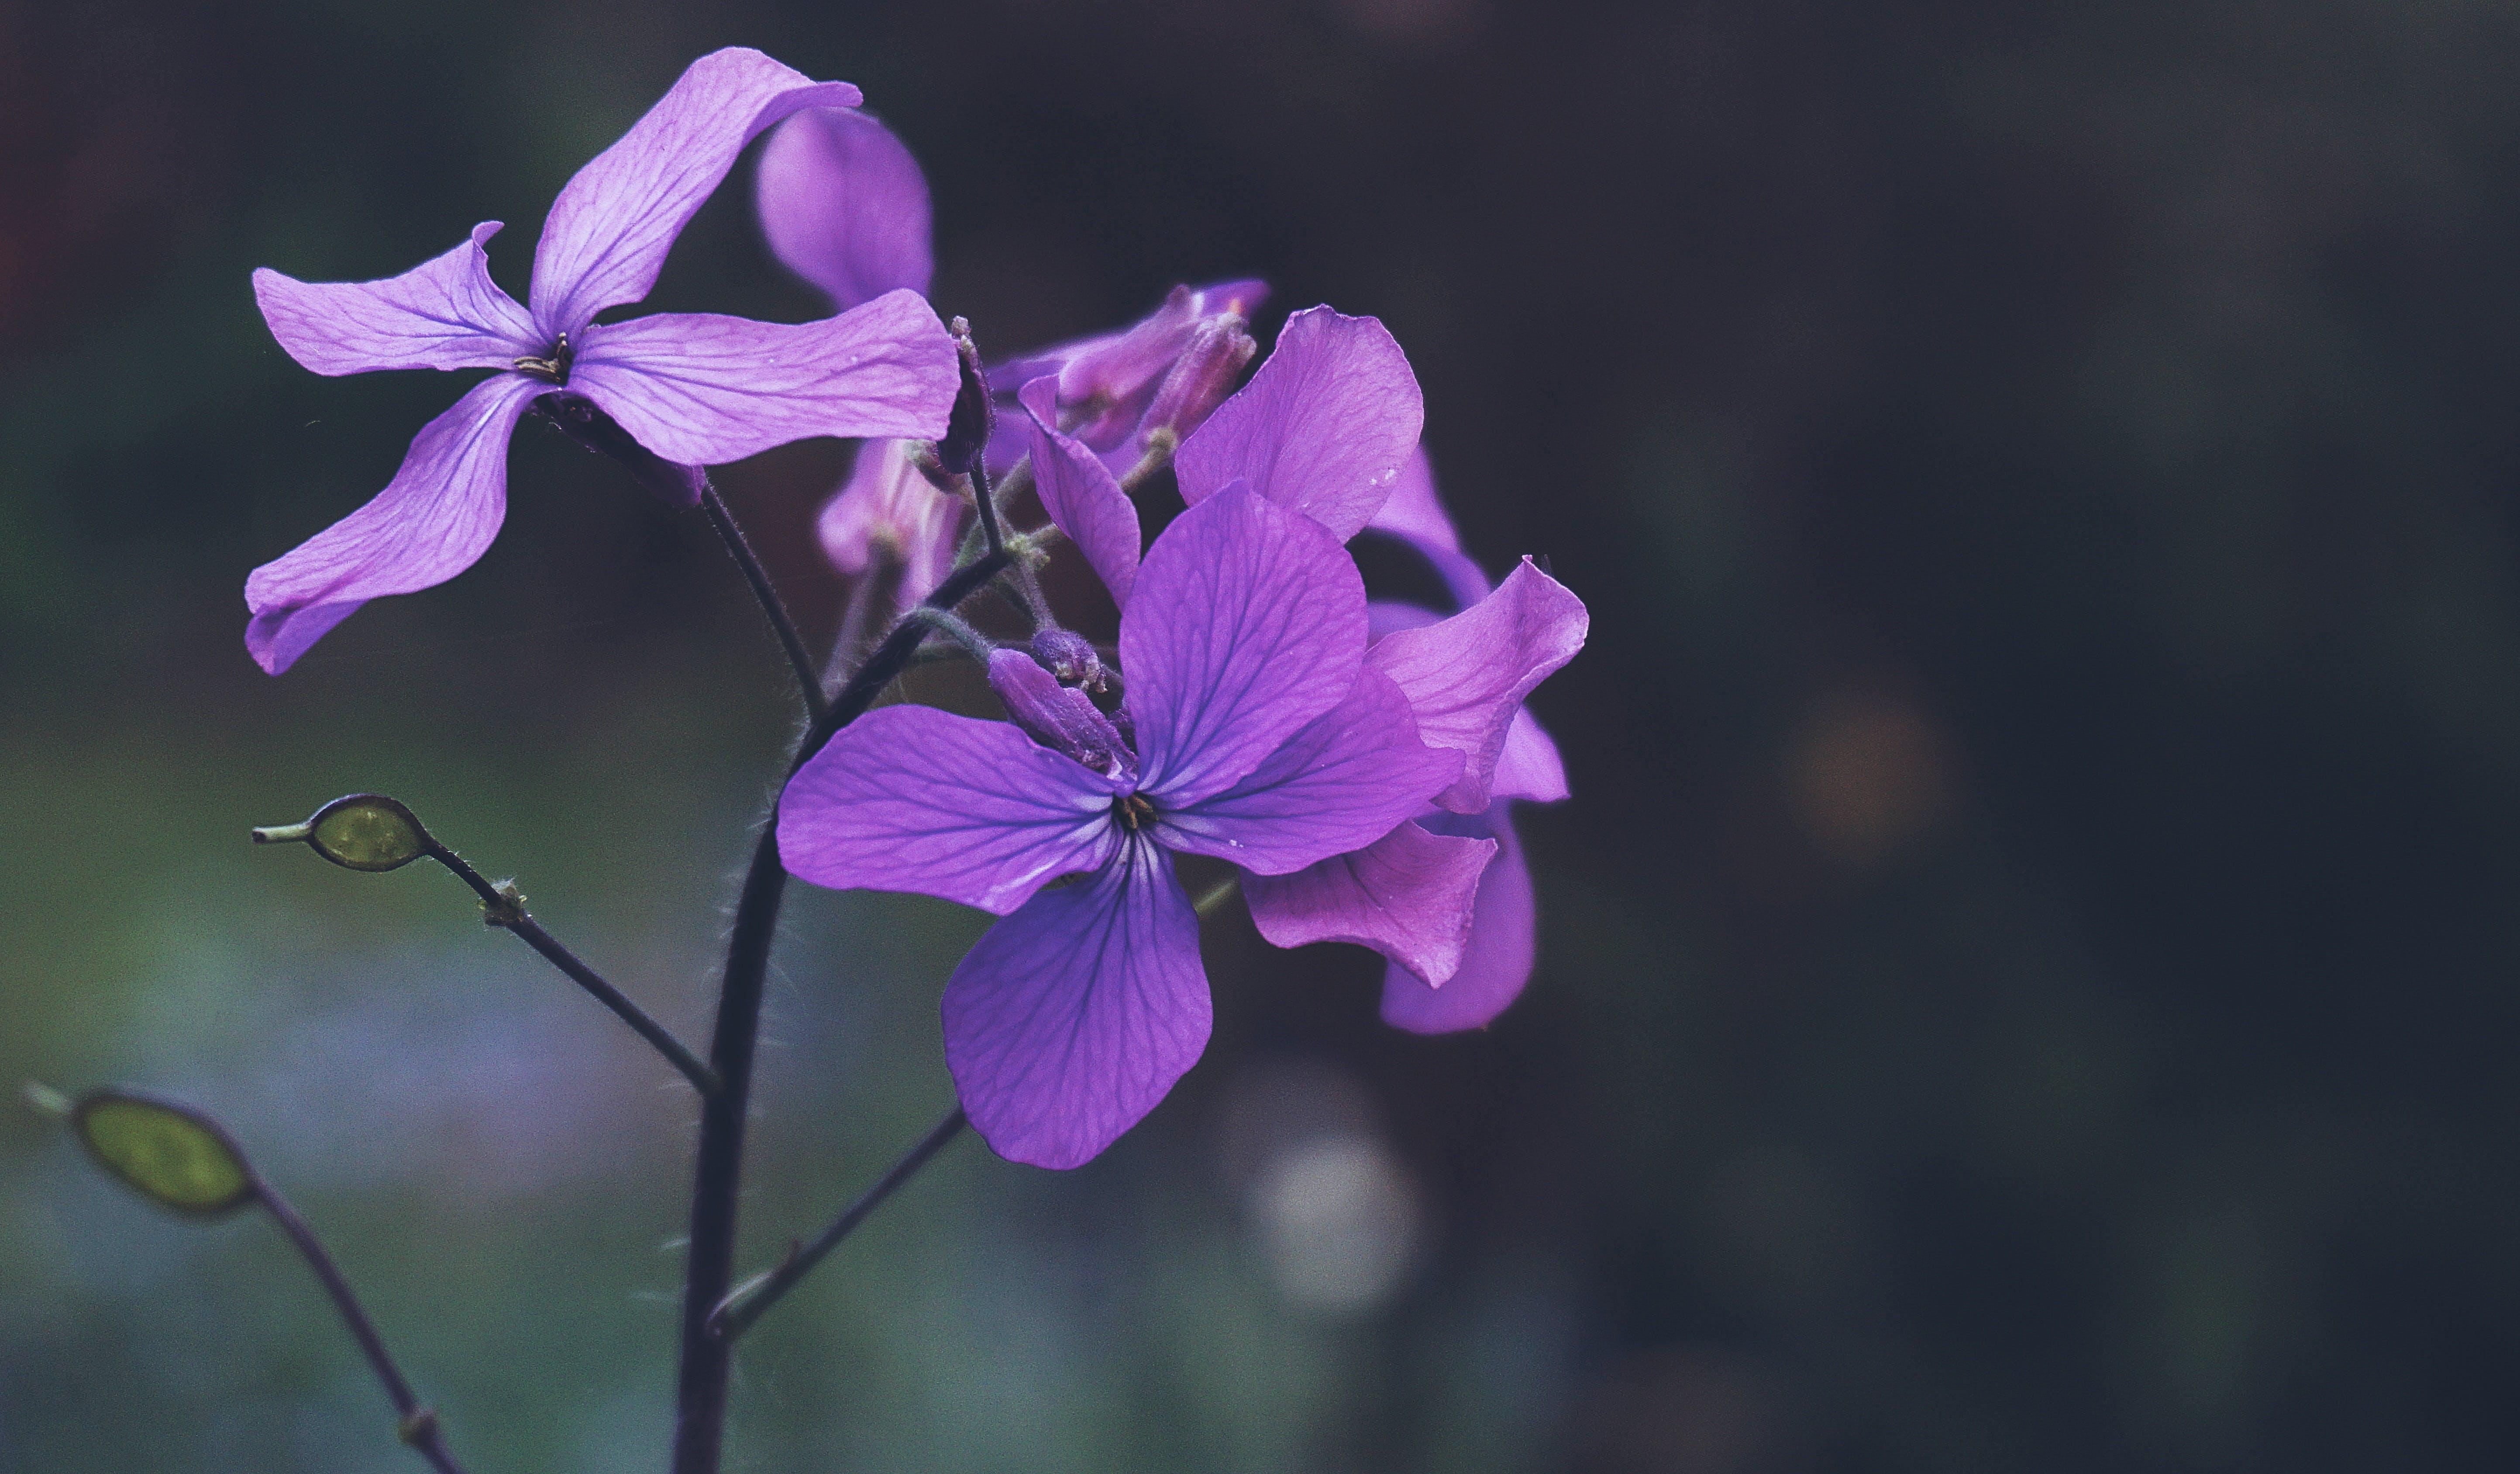 꽃, 꽃무늬, 꽃봉오리, 꽃이 피는의 무료 스톡 사진